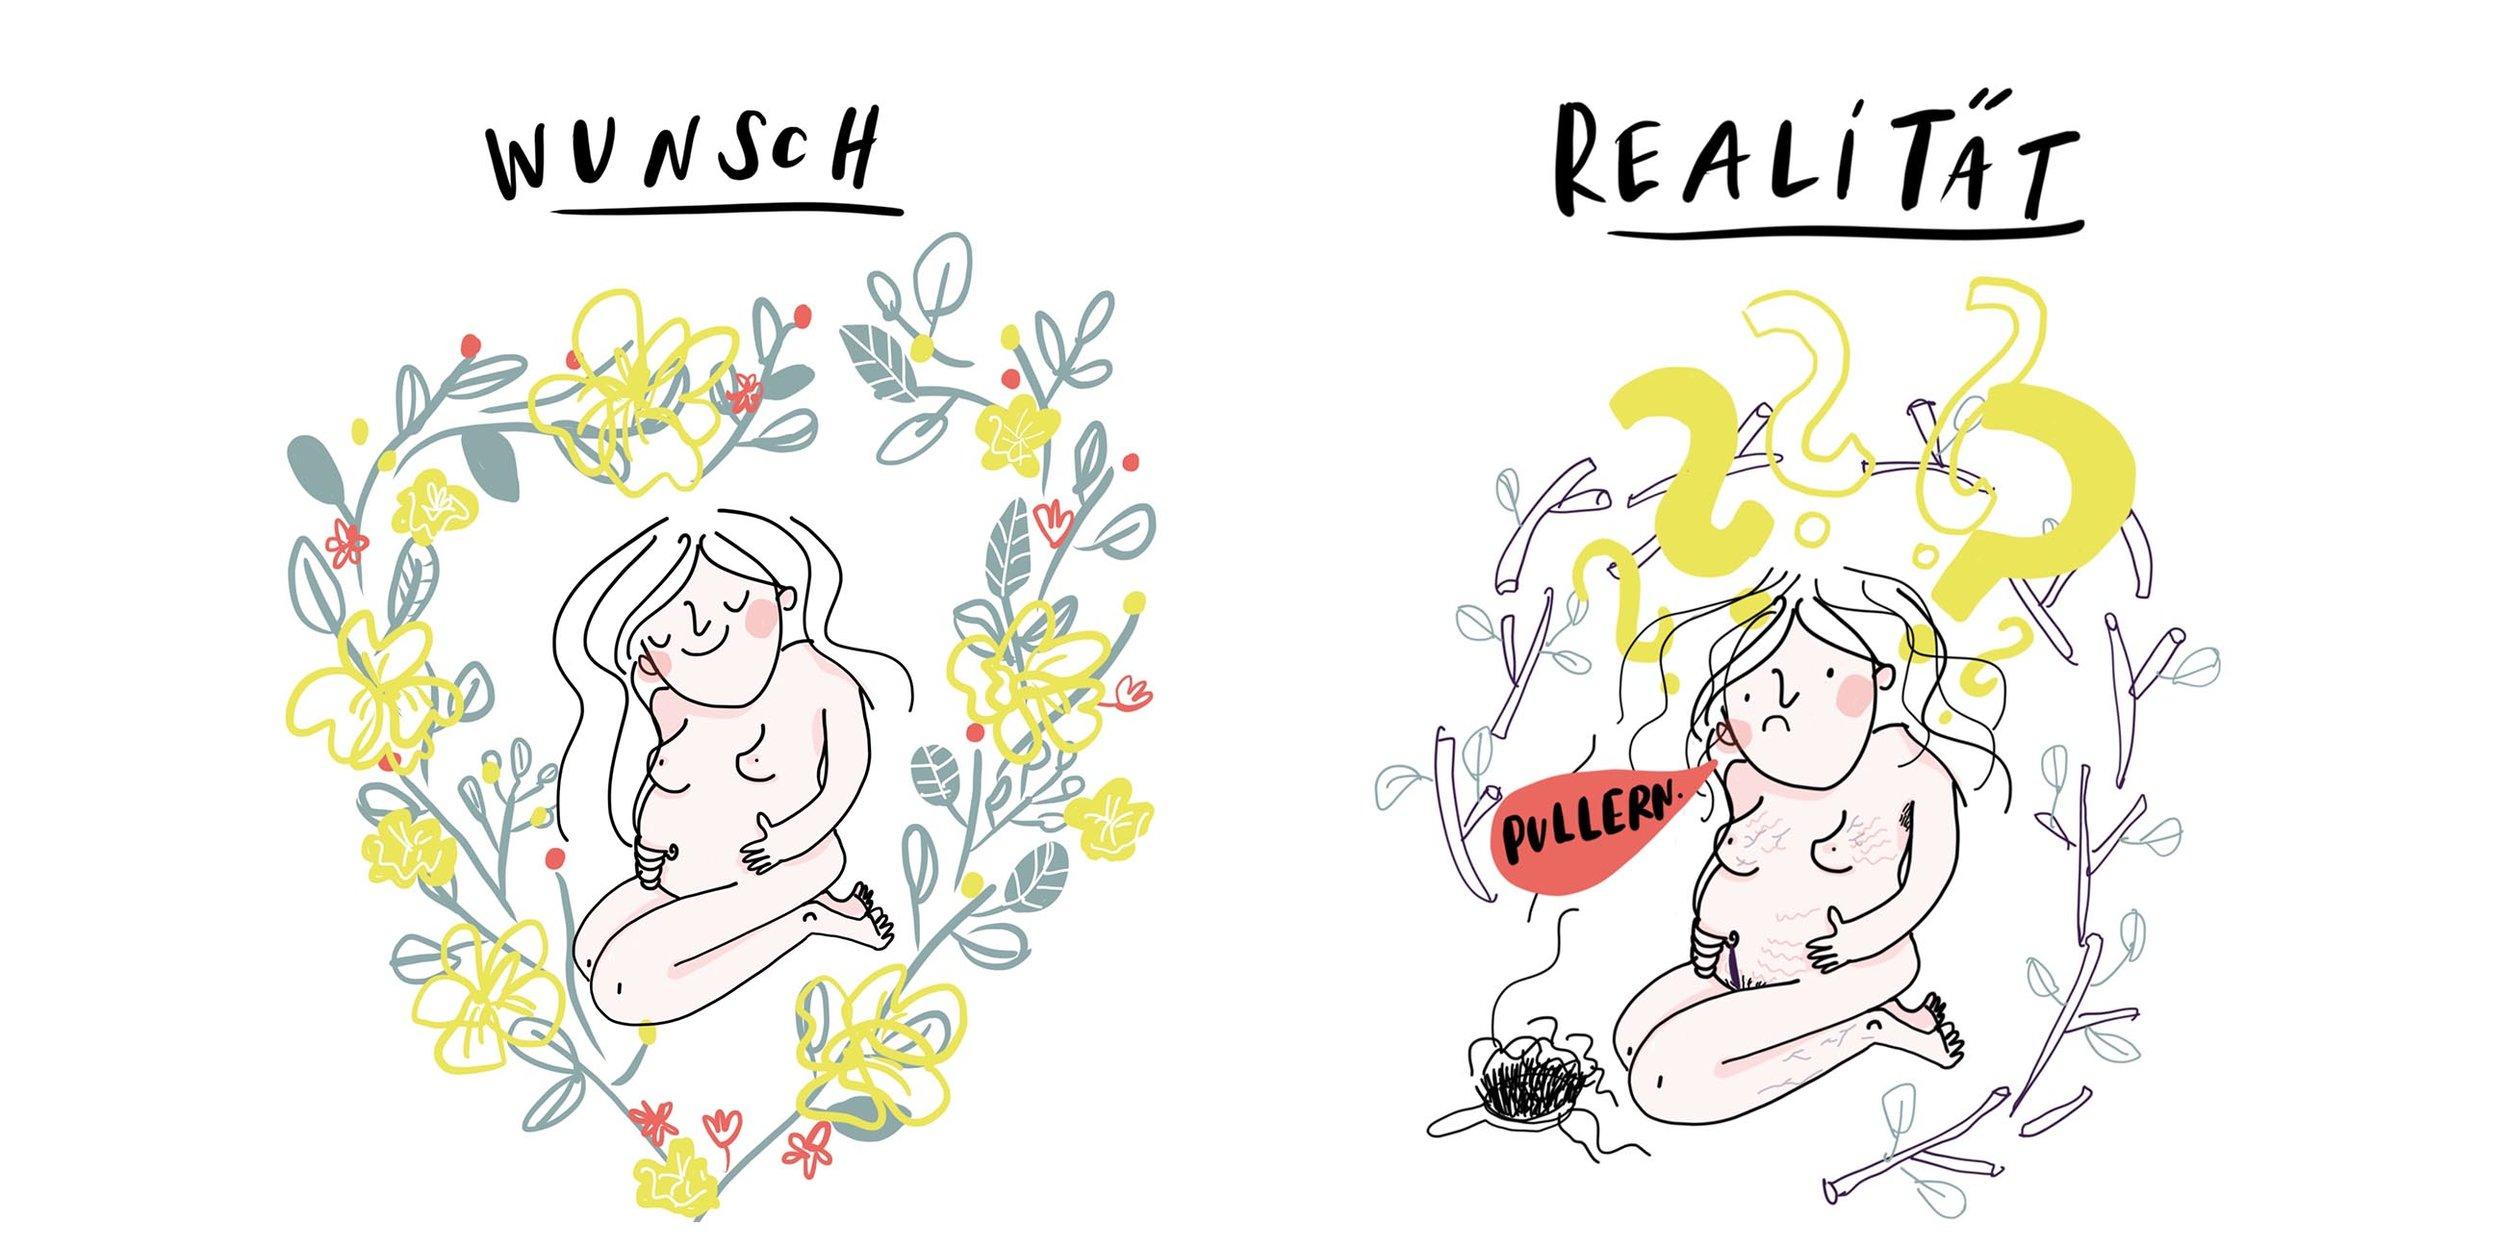 schwanger_wunsch-realität.jpg